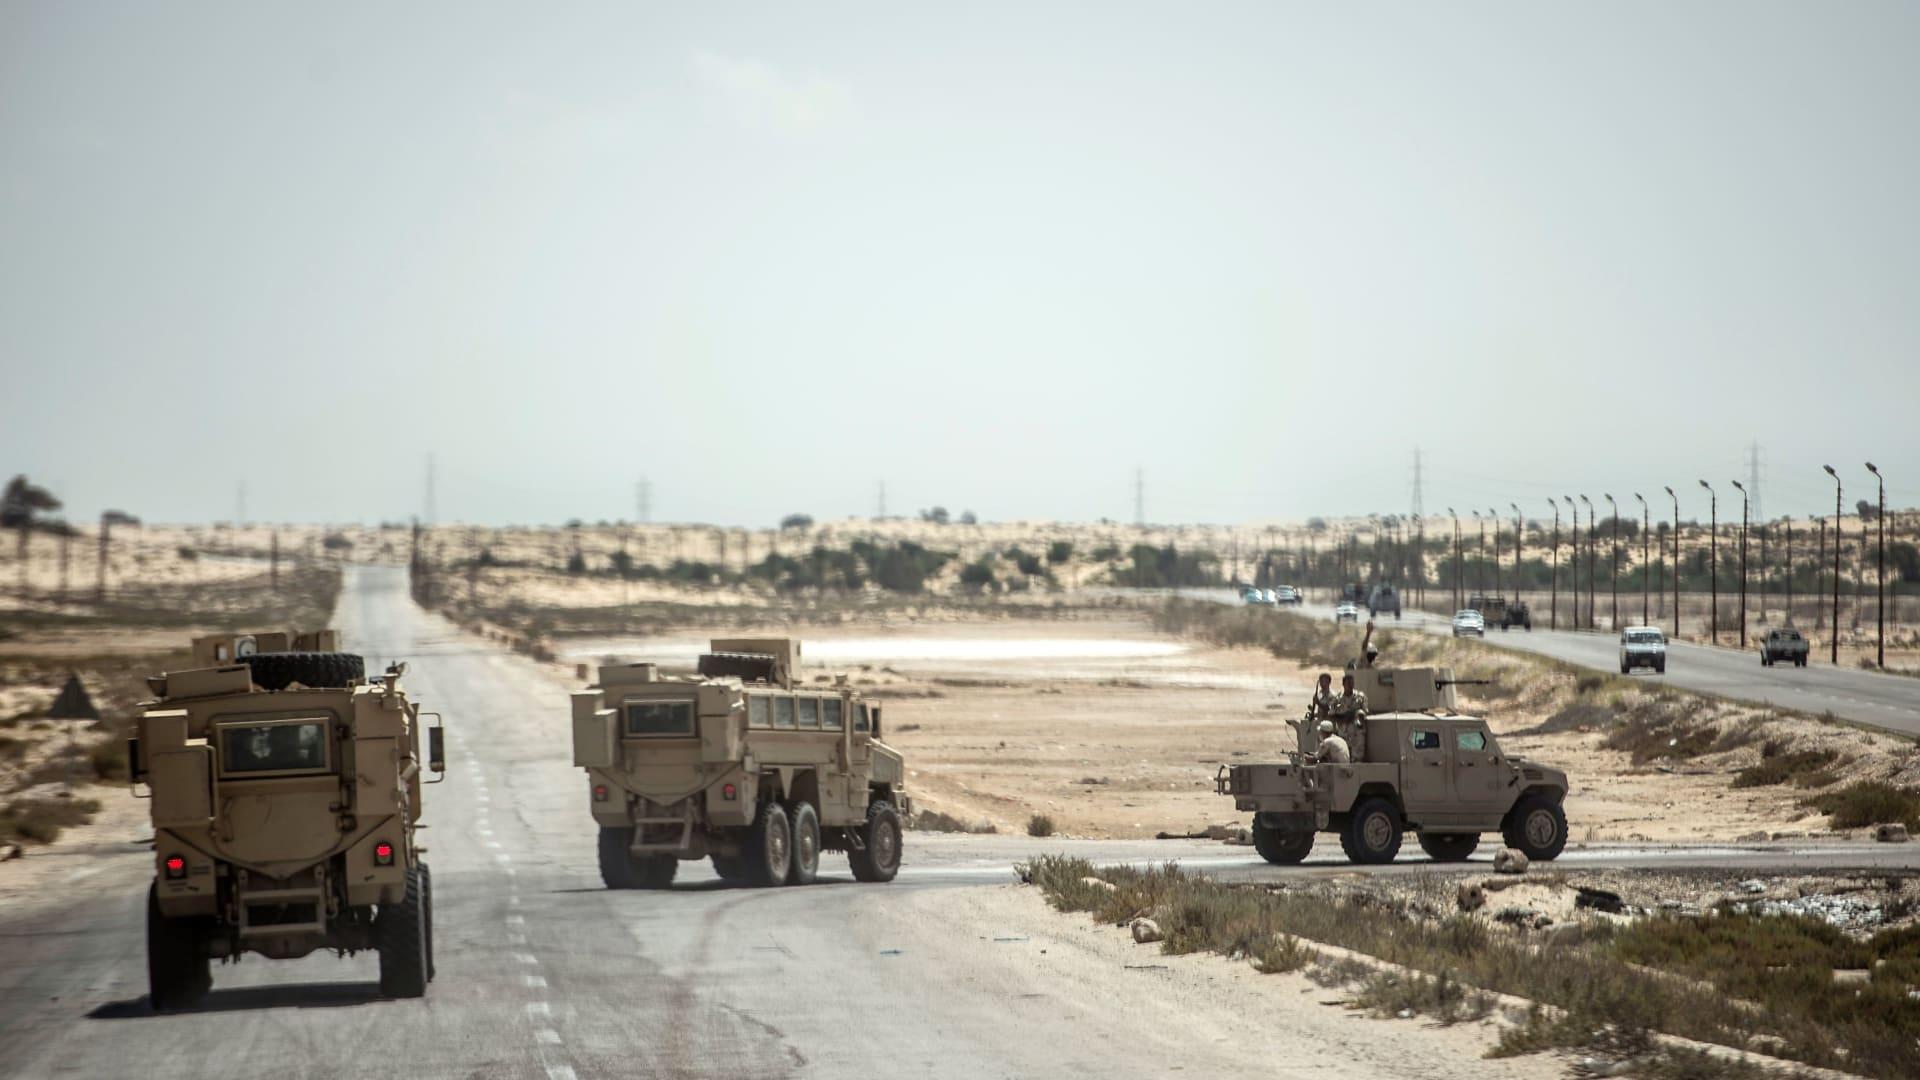 الجيش المصري يعلن إحباط هجوم إرهابي بشمال سيناء.. ومقتل 18 من منفذيه